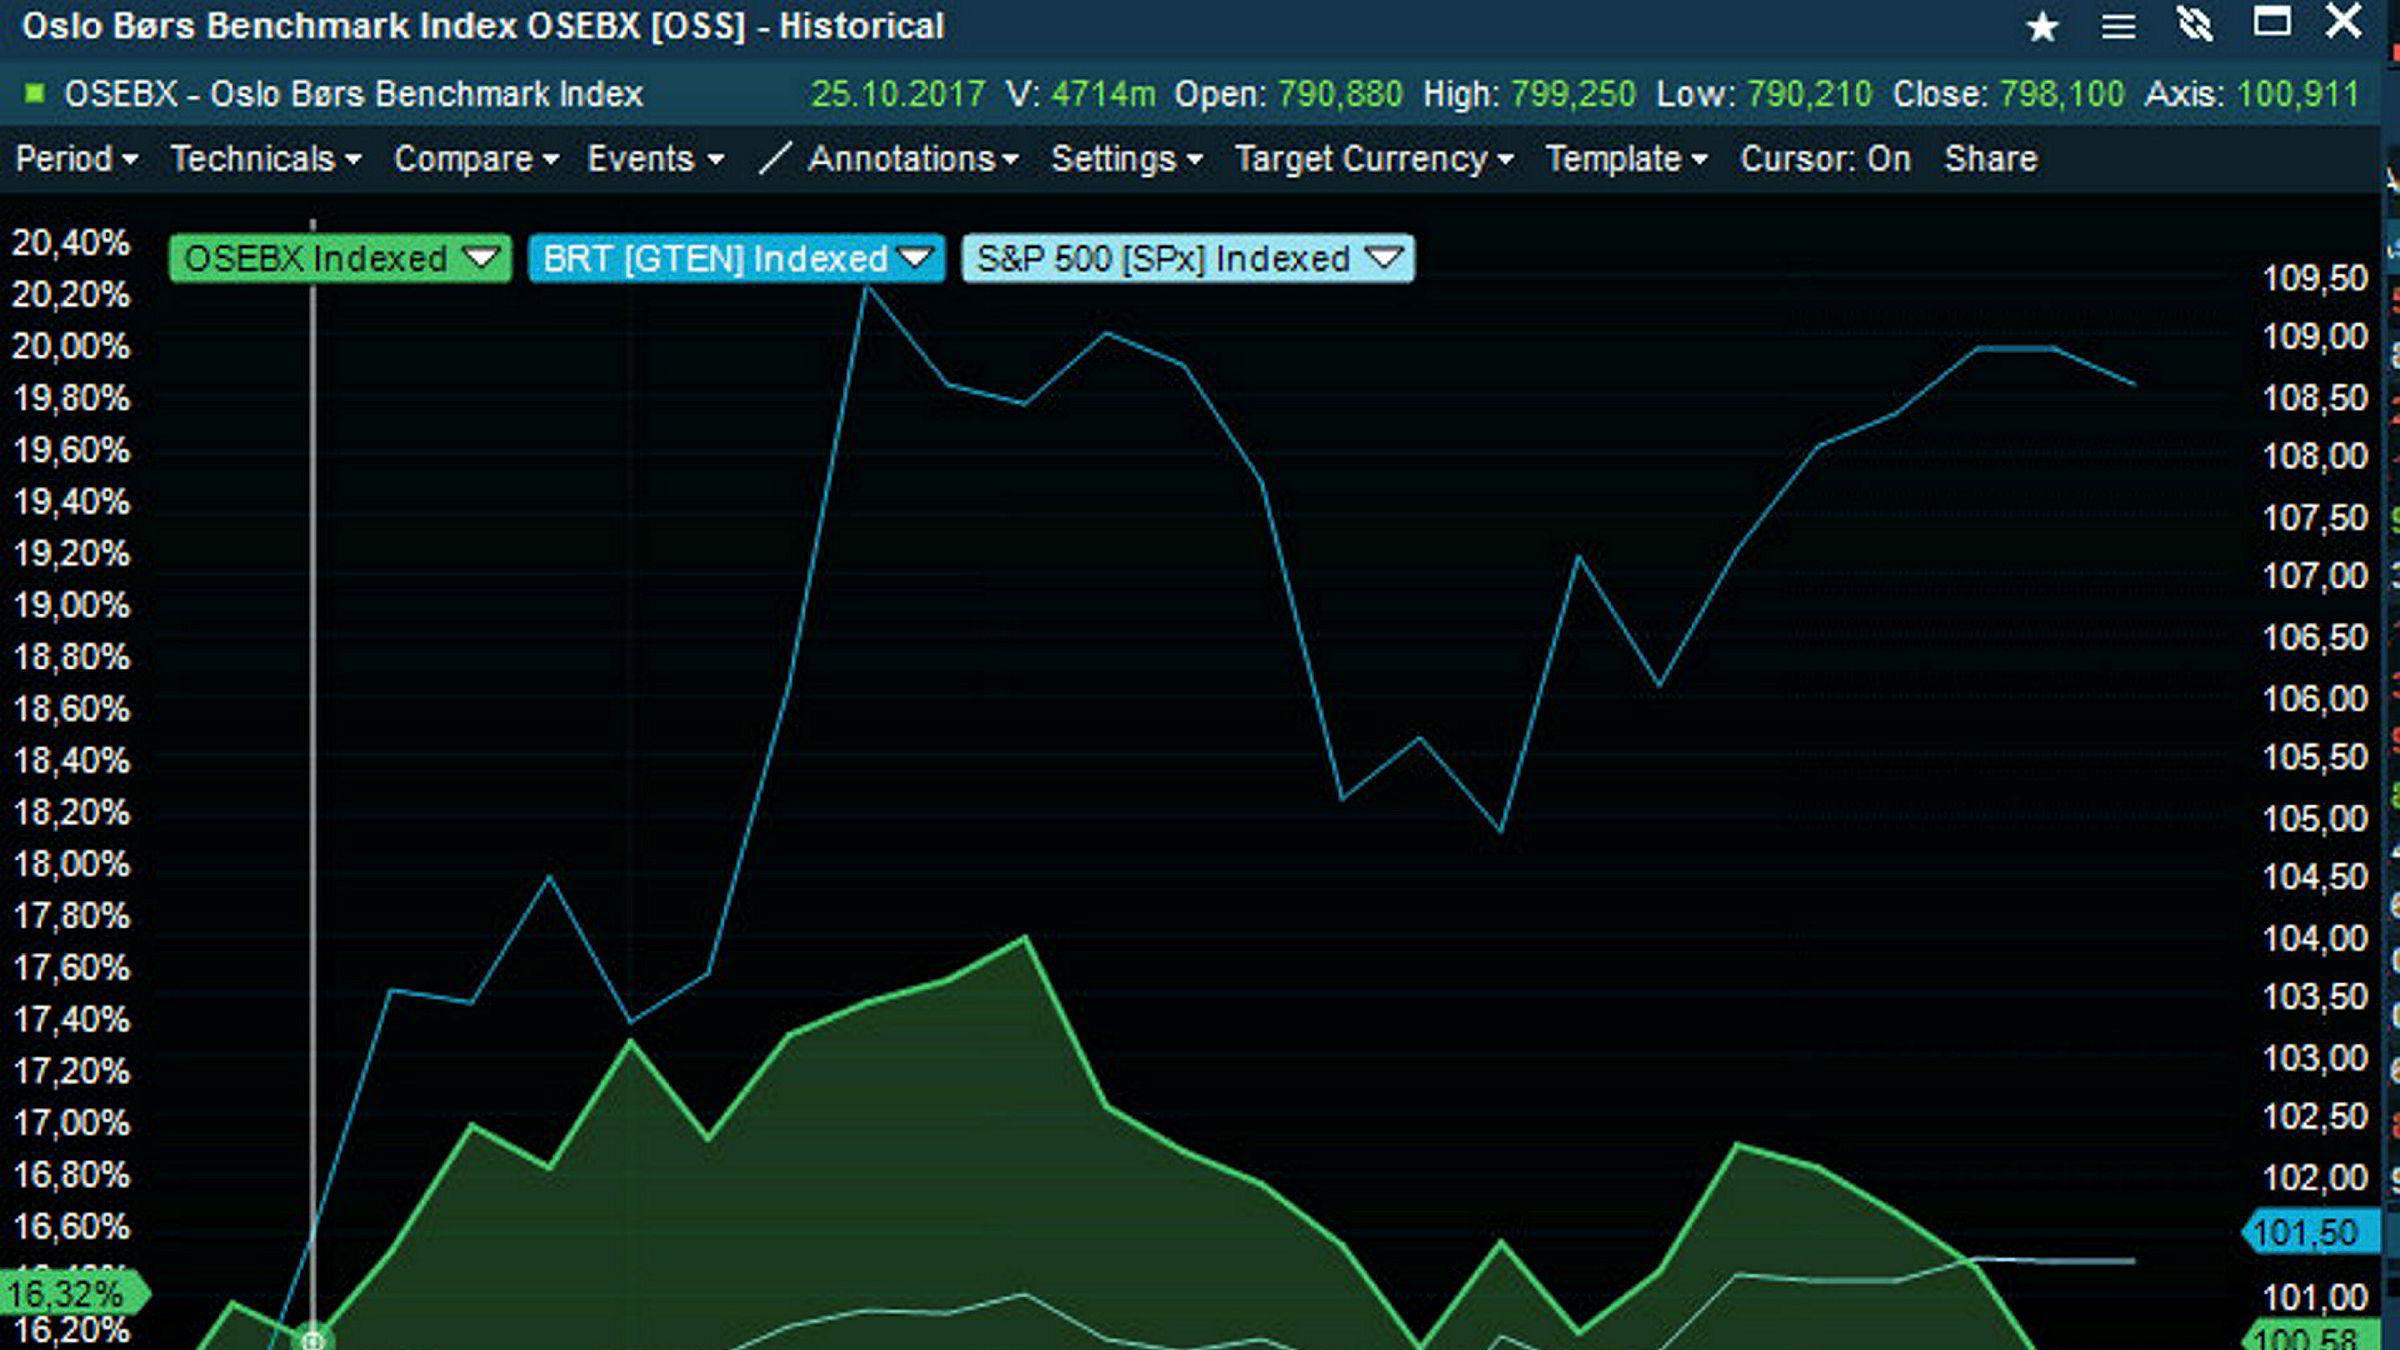 Mørkeblå strek øverst er oljeprisen. Lysegrønn strek er hovedindeksen på Oslo Børs. Lyseblå strek nederst er S&P 500.